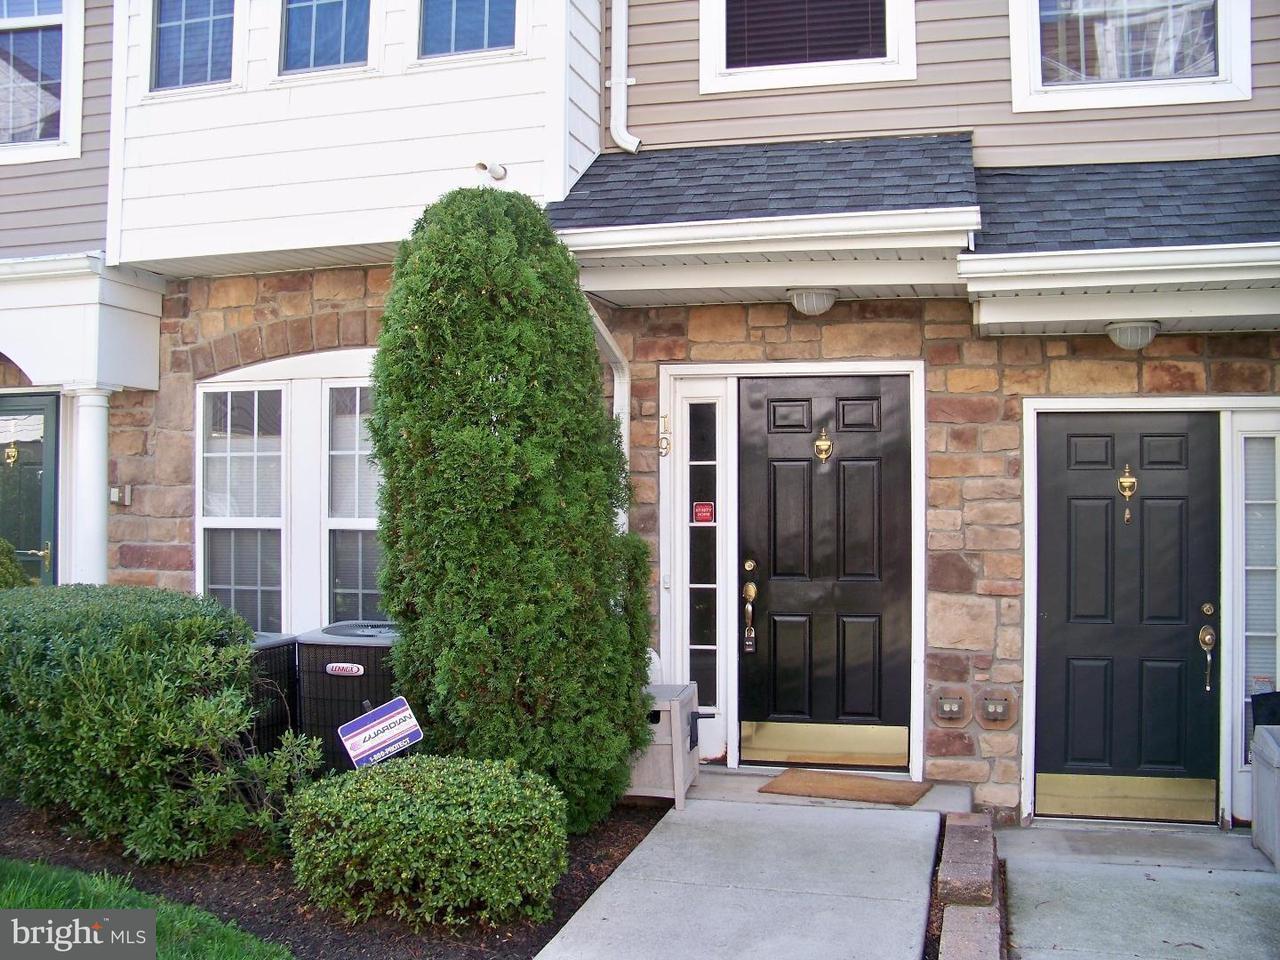 Casa unifamiliar adosada (Townhouse) por un Alquiler en 19 TURTLE Court Delanco Township, Nueva Jersey 08075 Estados Unidos